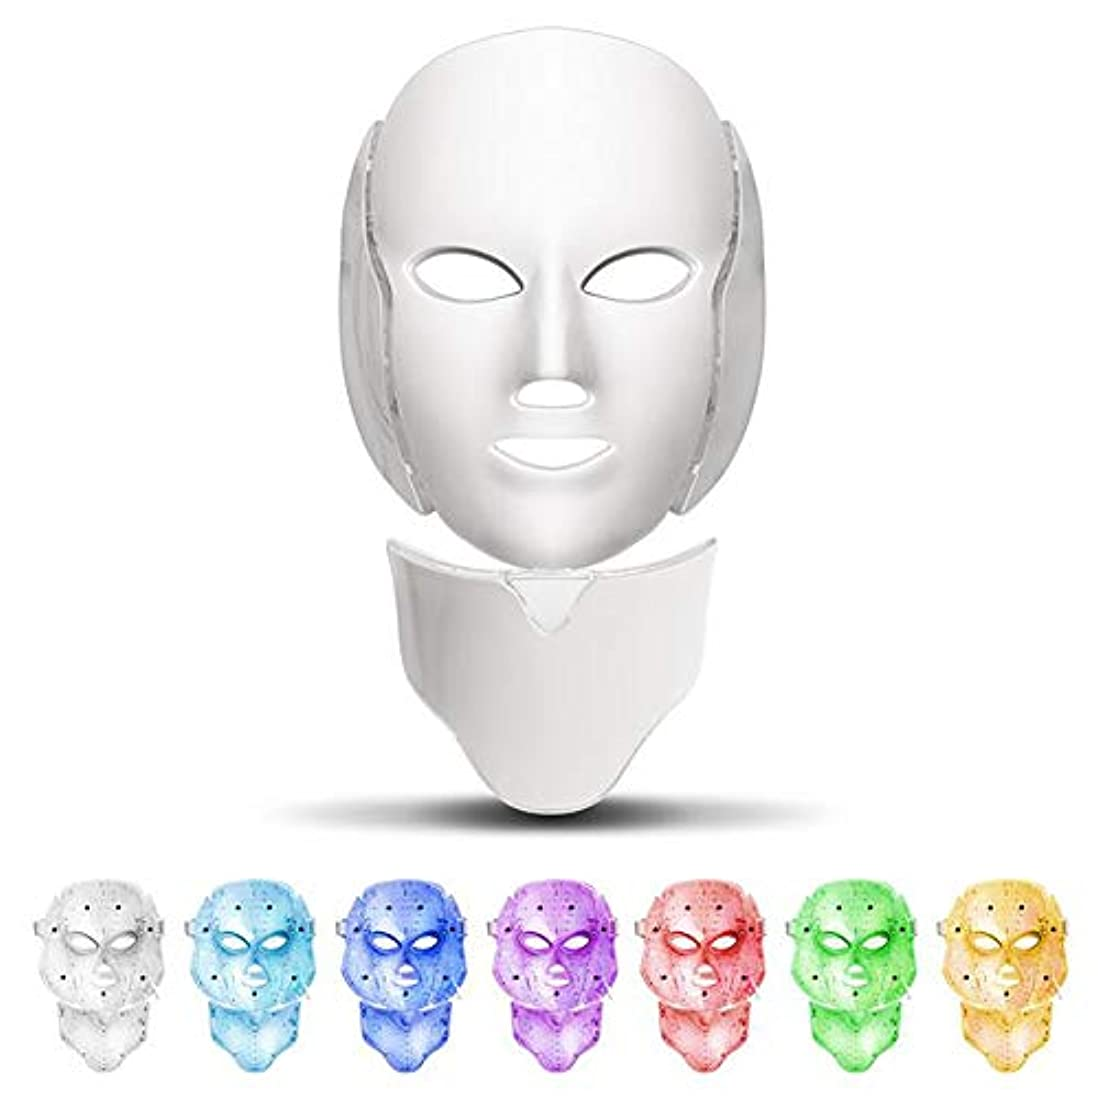 記者実験トーナメント7色フェイシャルマスク、顔と首ネオン輝くLEDフェイスマスク電気顔スキンケア顔肌美容